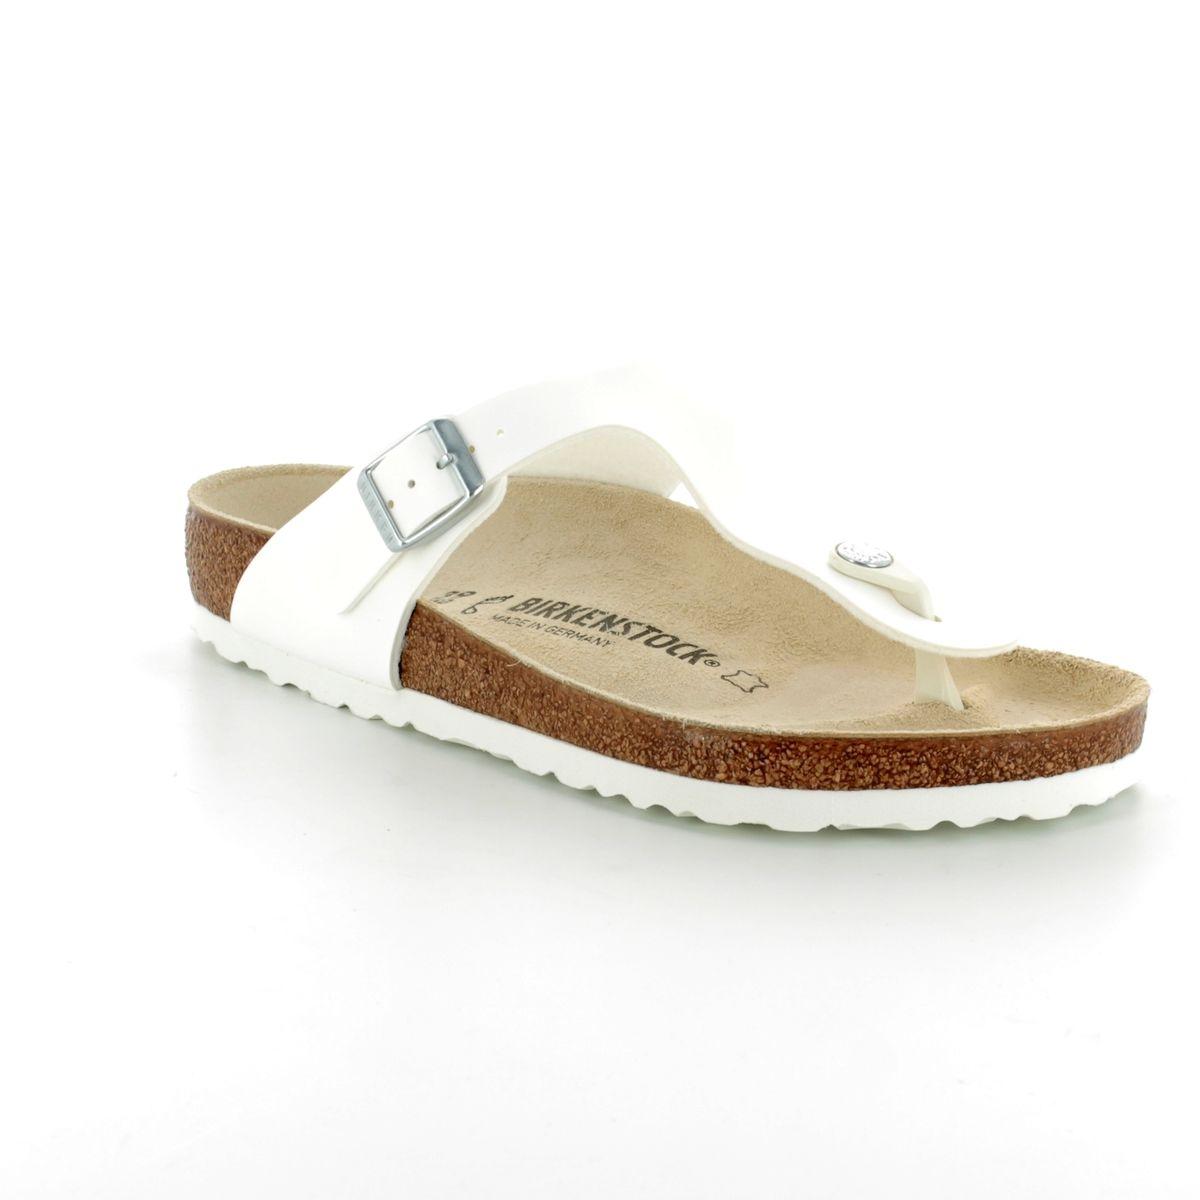 6f5e914e1ca4 Birkenstock Sandals - White - 0043 731 GIZEH